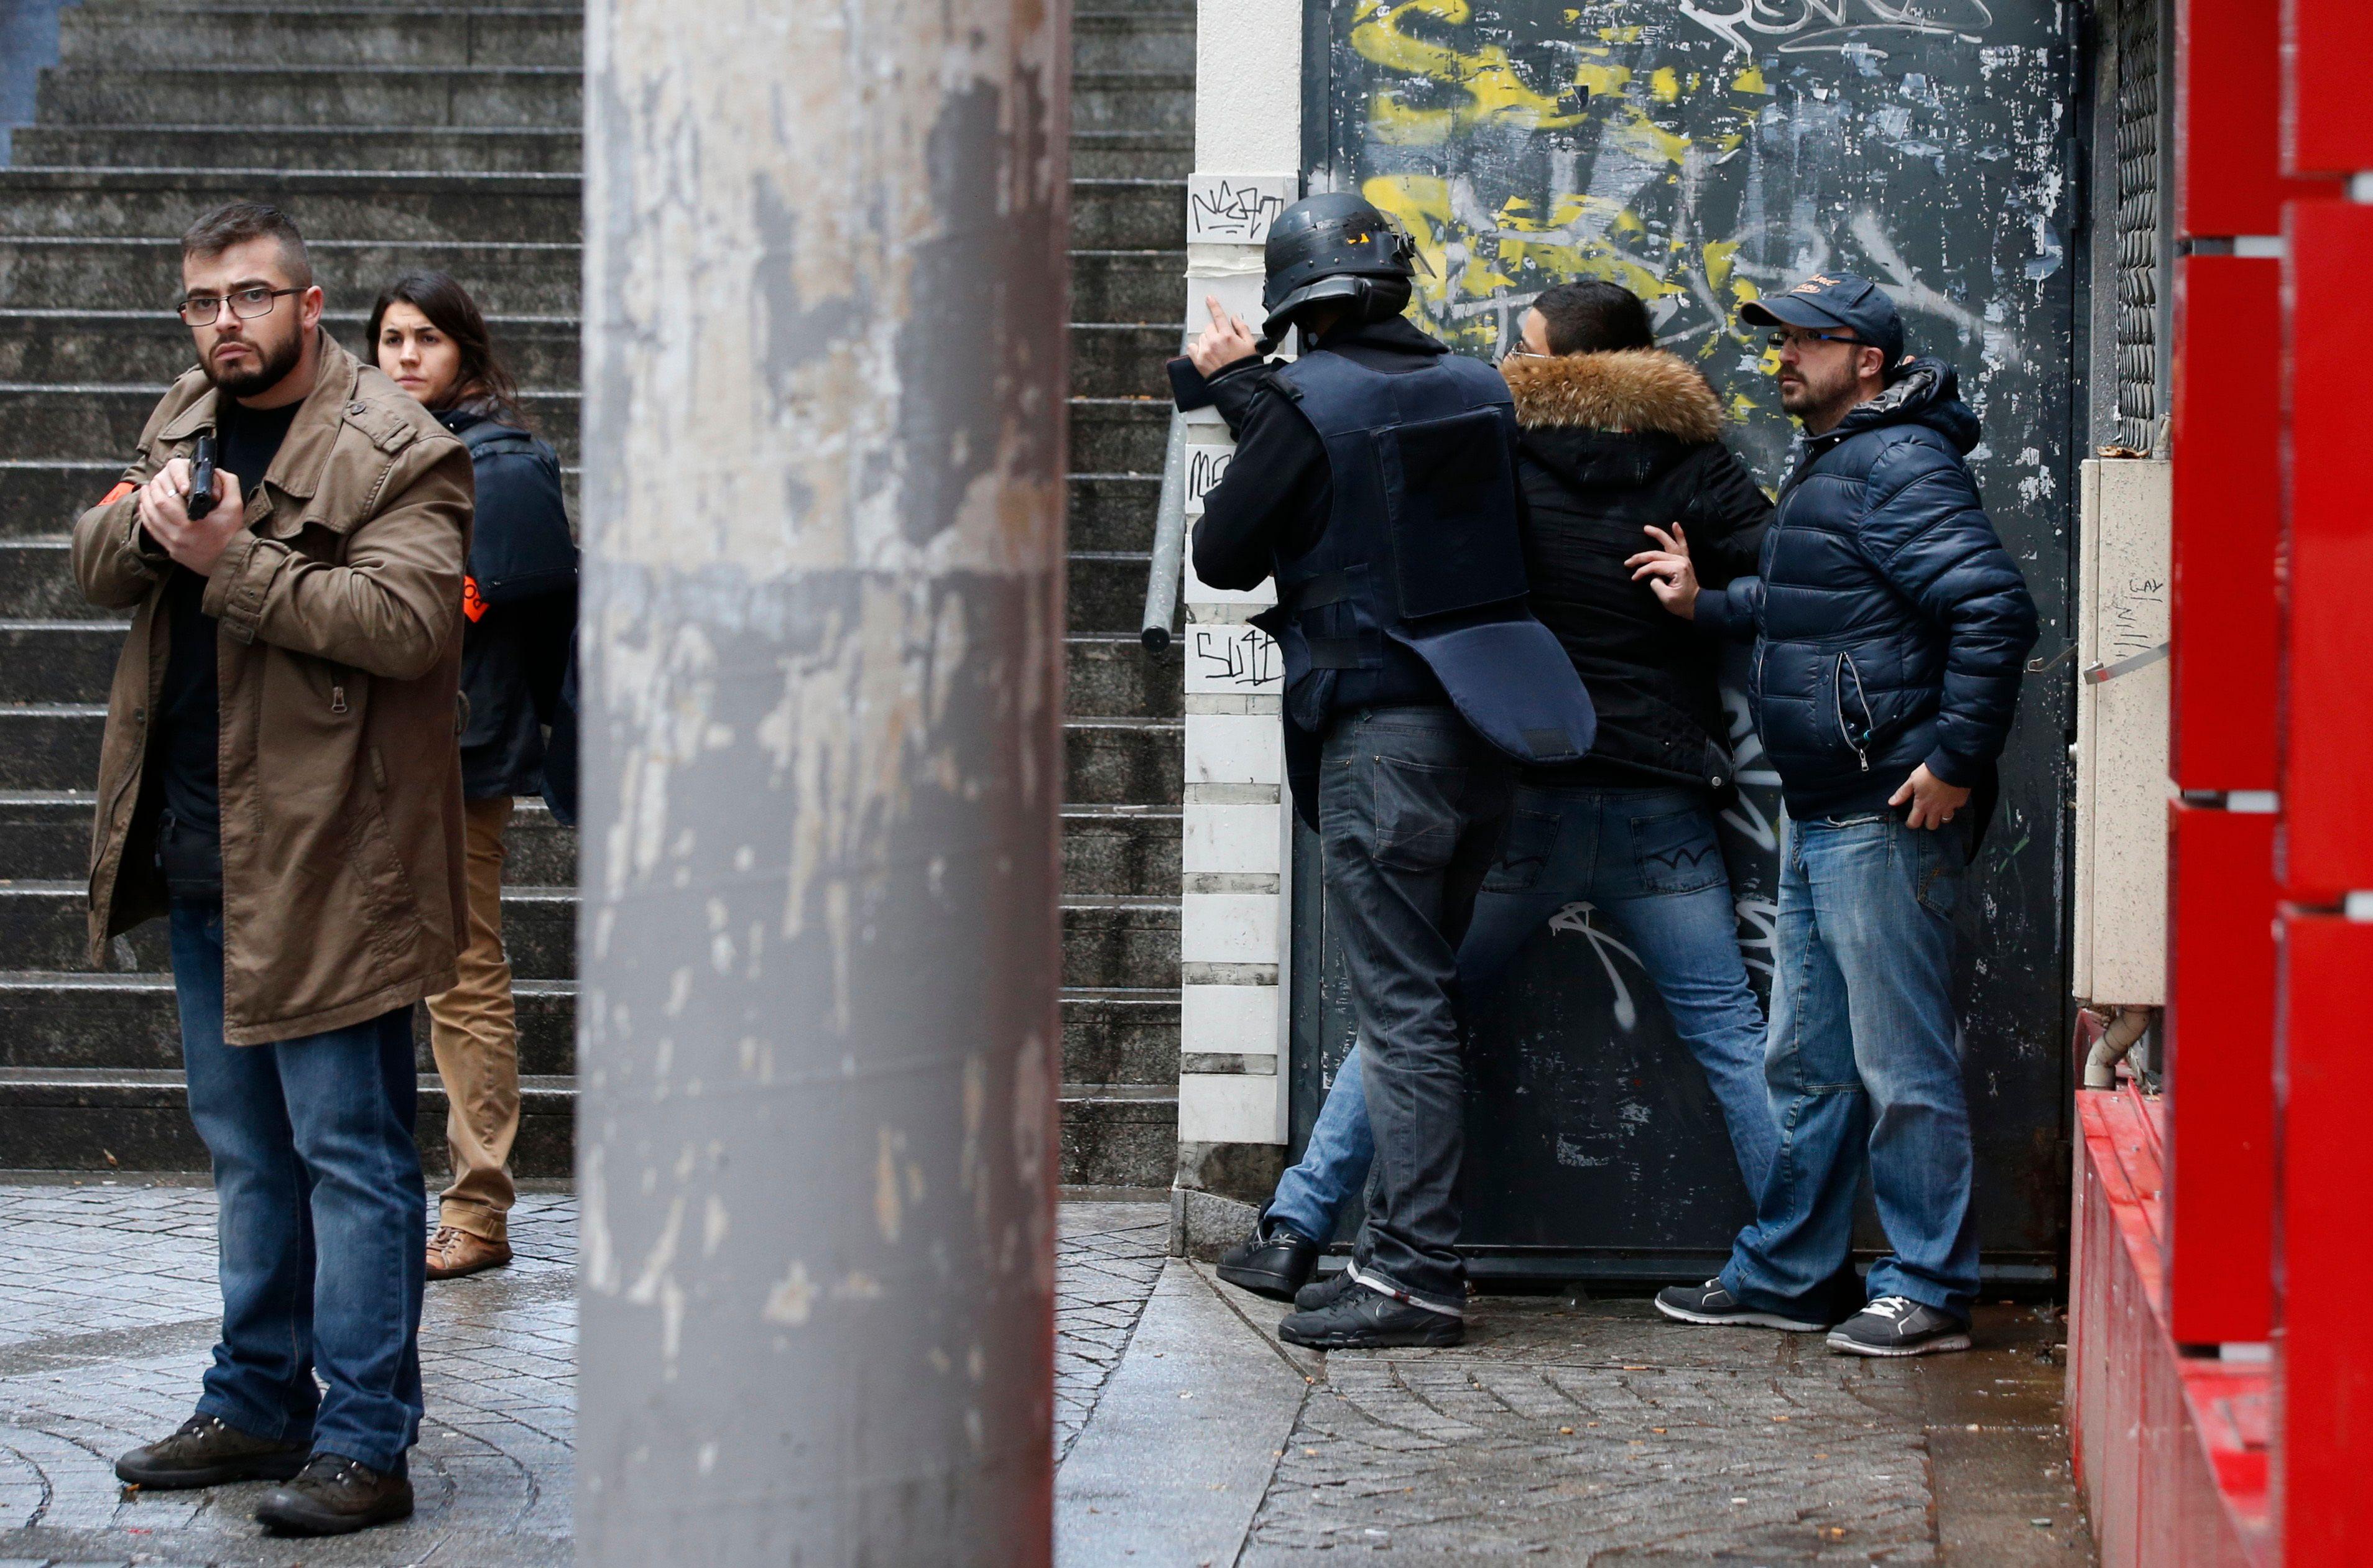 Nouvelle tentative d'attentat à Paris : a-t-on suffisamment misé sur les entourages pour détecter les terroristes sur le point d'agir ?